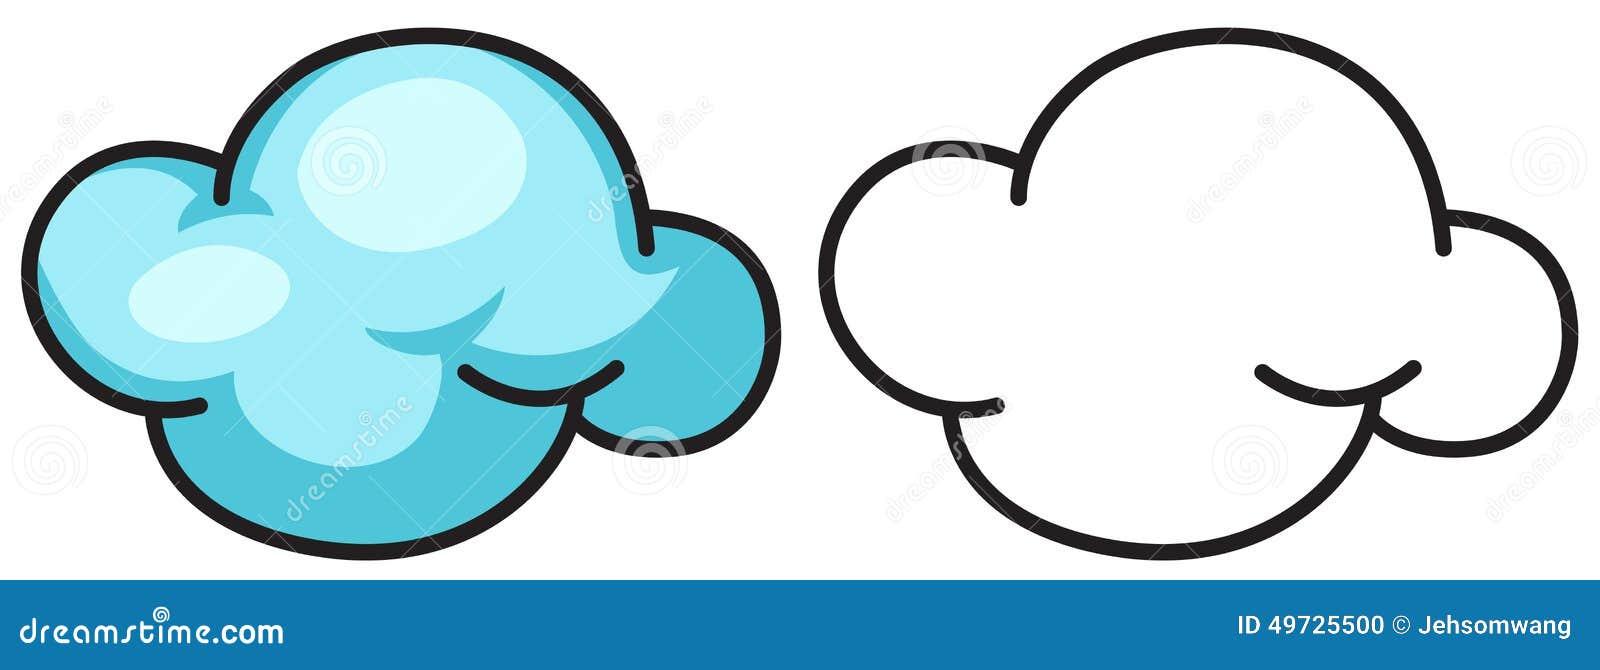 Nuvola variopinta ed in bianco e nero per il libro da for Nuvola da colorare